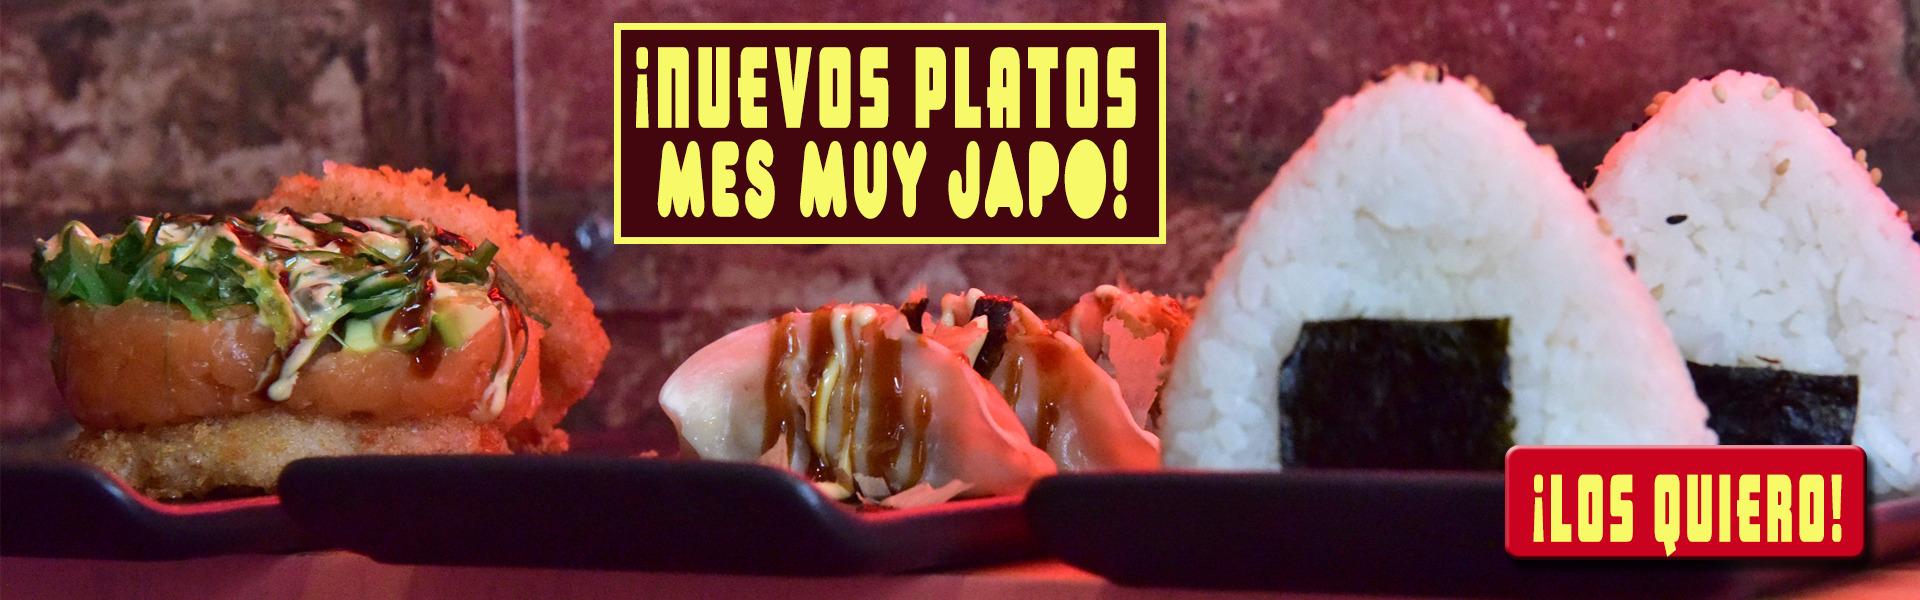 NUEVOS PLATOS MUY JAPO